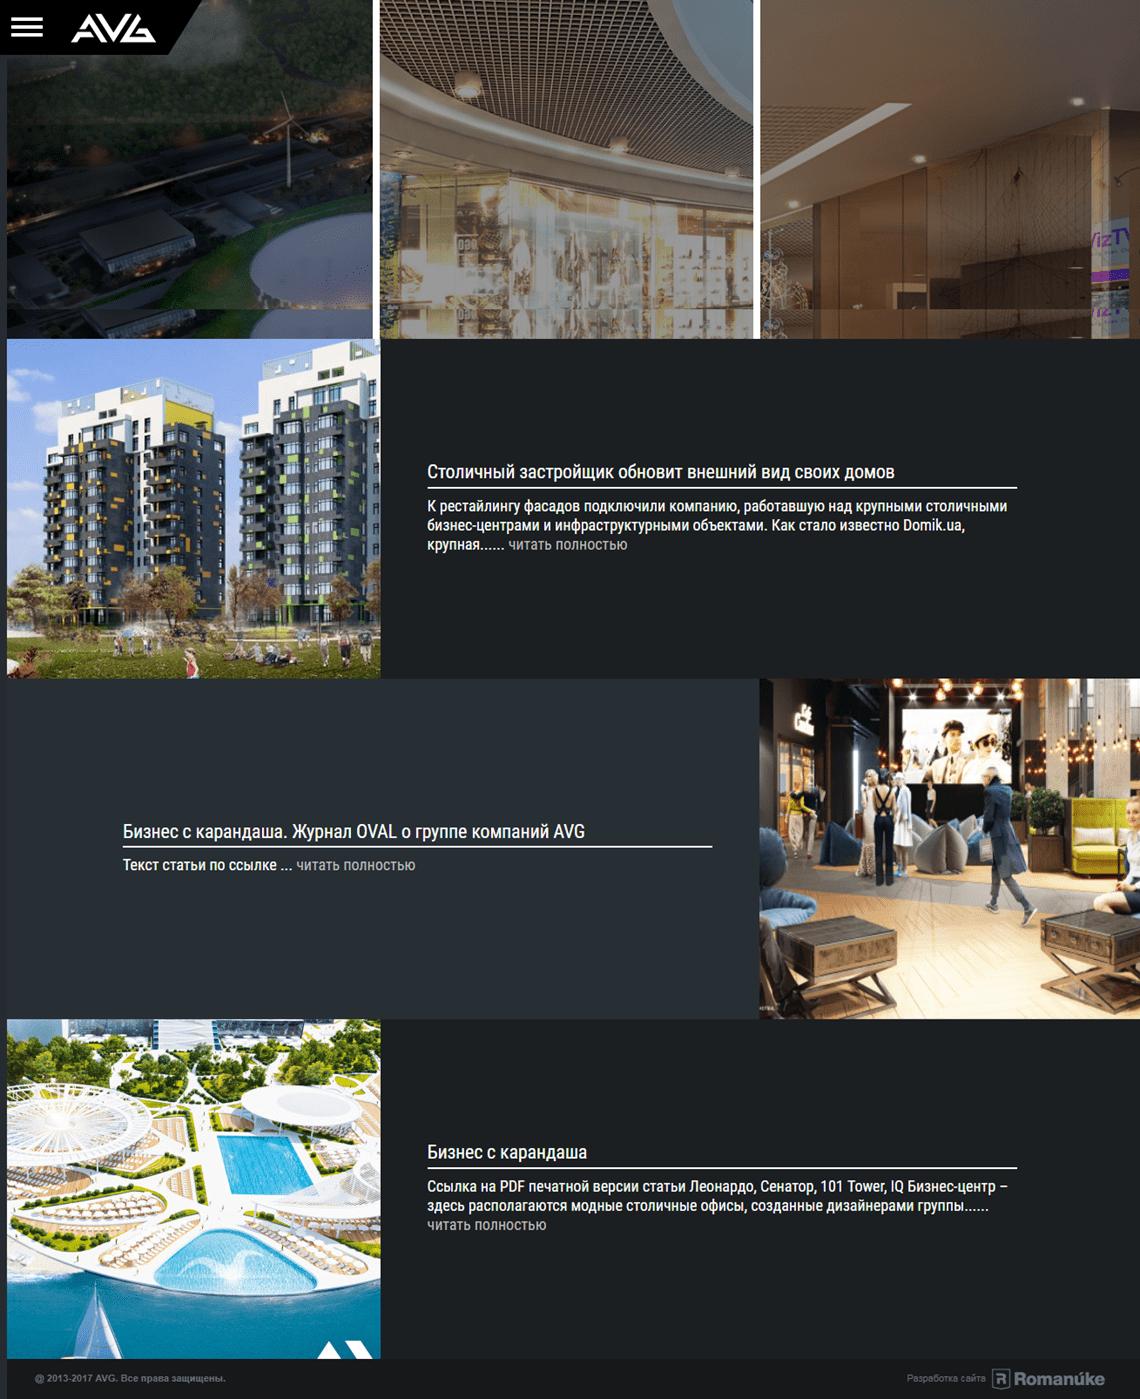 sajt_dizajn-studii_arxitekturnogo_proektirovaniya_i_dizajna_avg